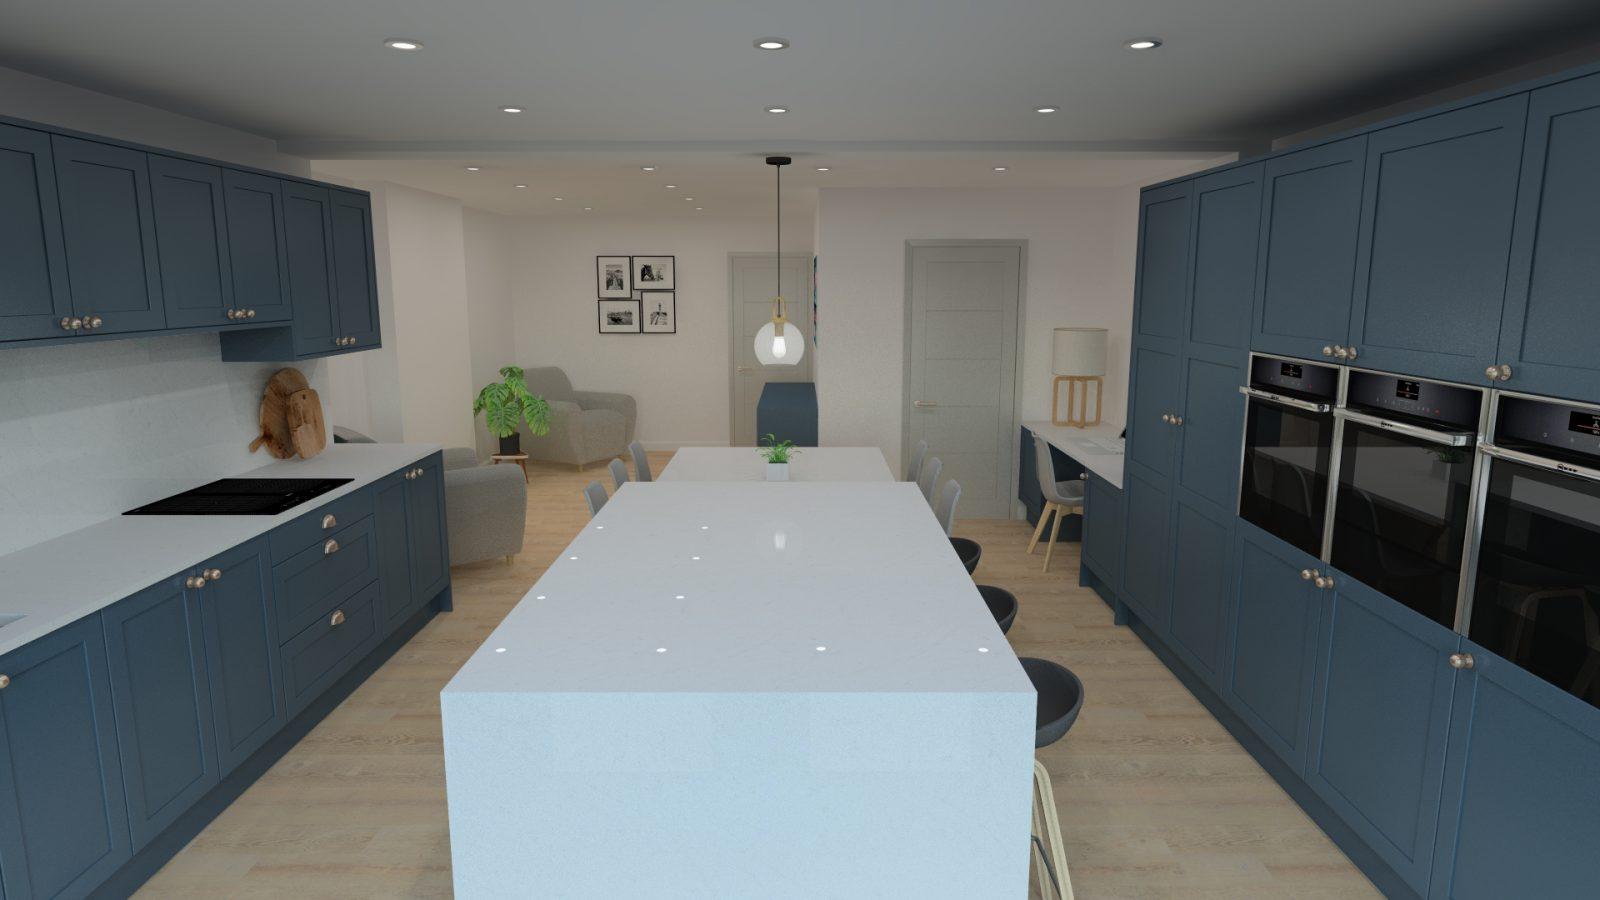 Independent kitchen designer